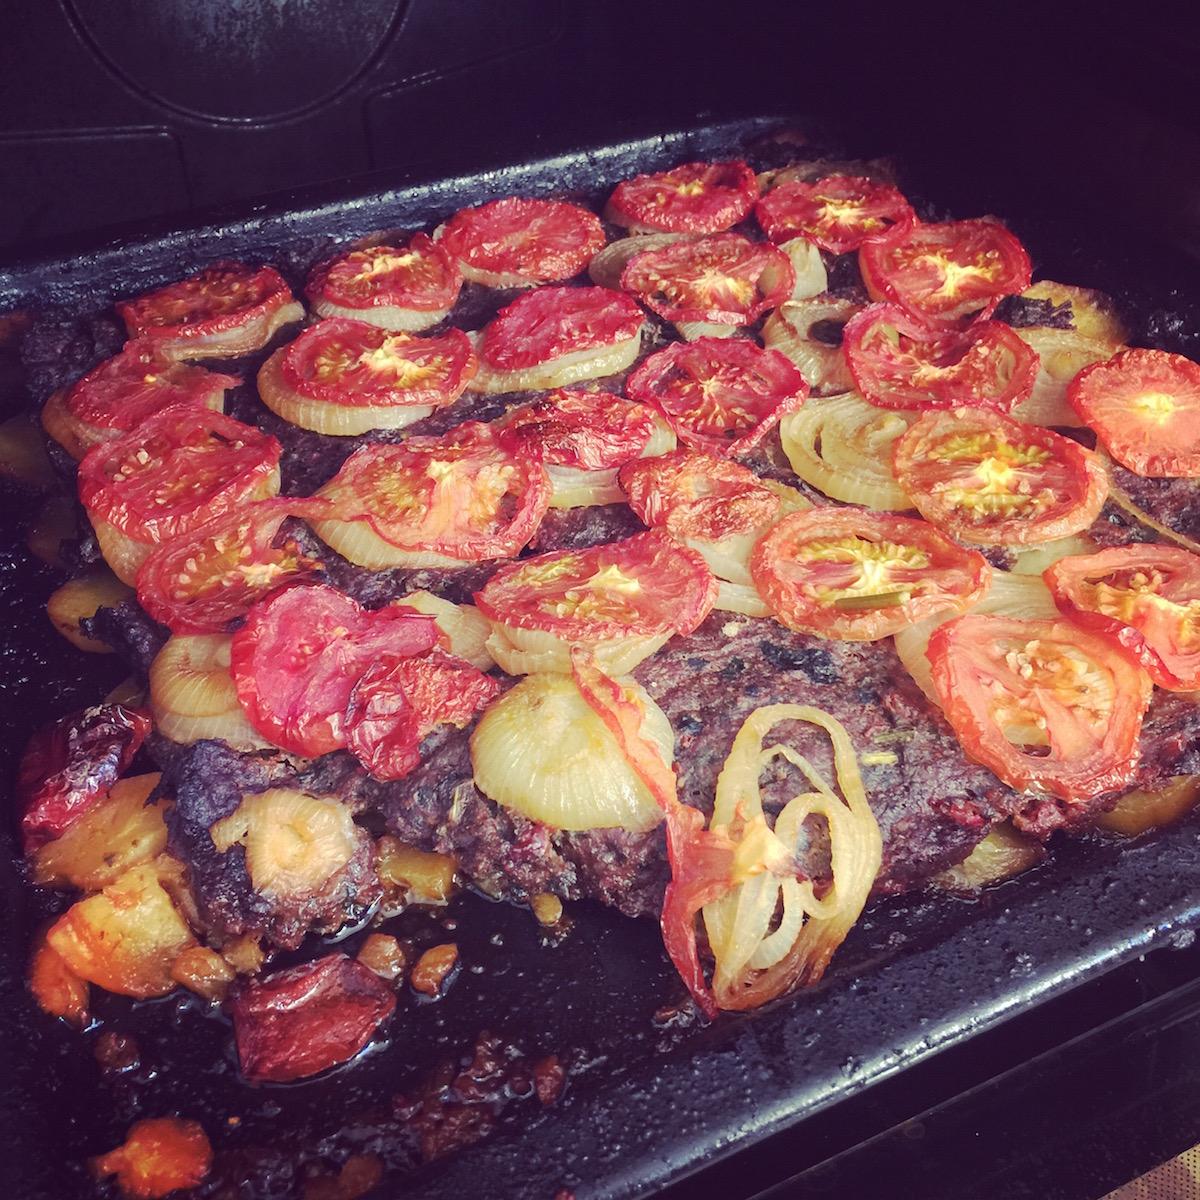 Ramadan reisen: Nach Sonnenuntergang werden Köstlichkeiten serviert!